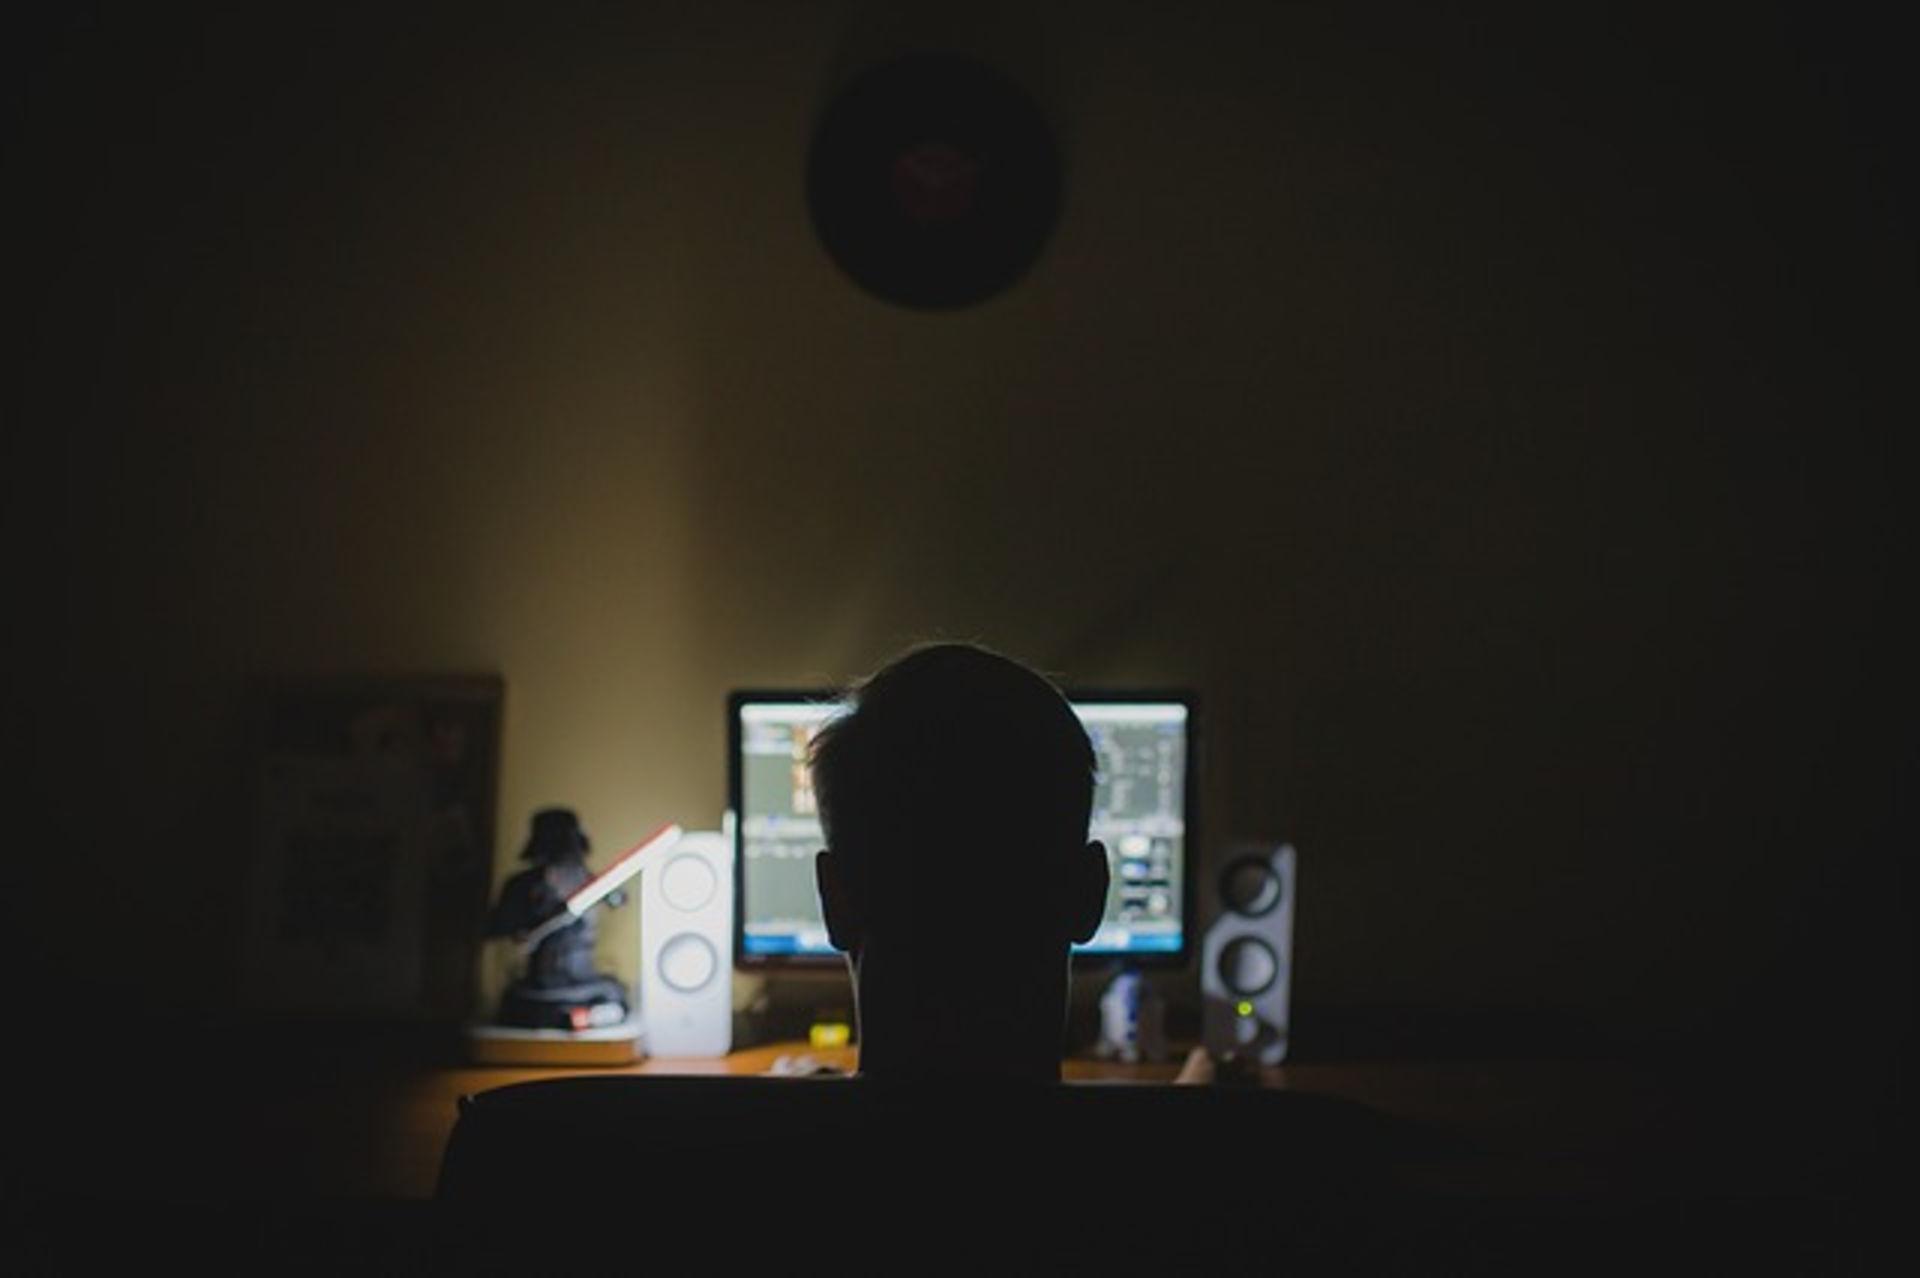 Работа по ночам: вред для здоровья